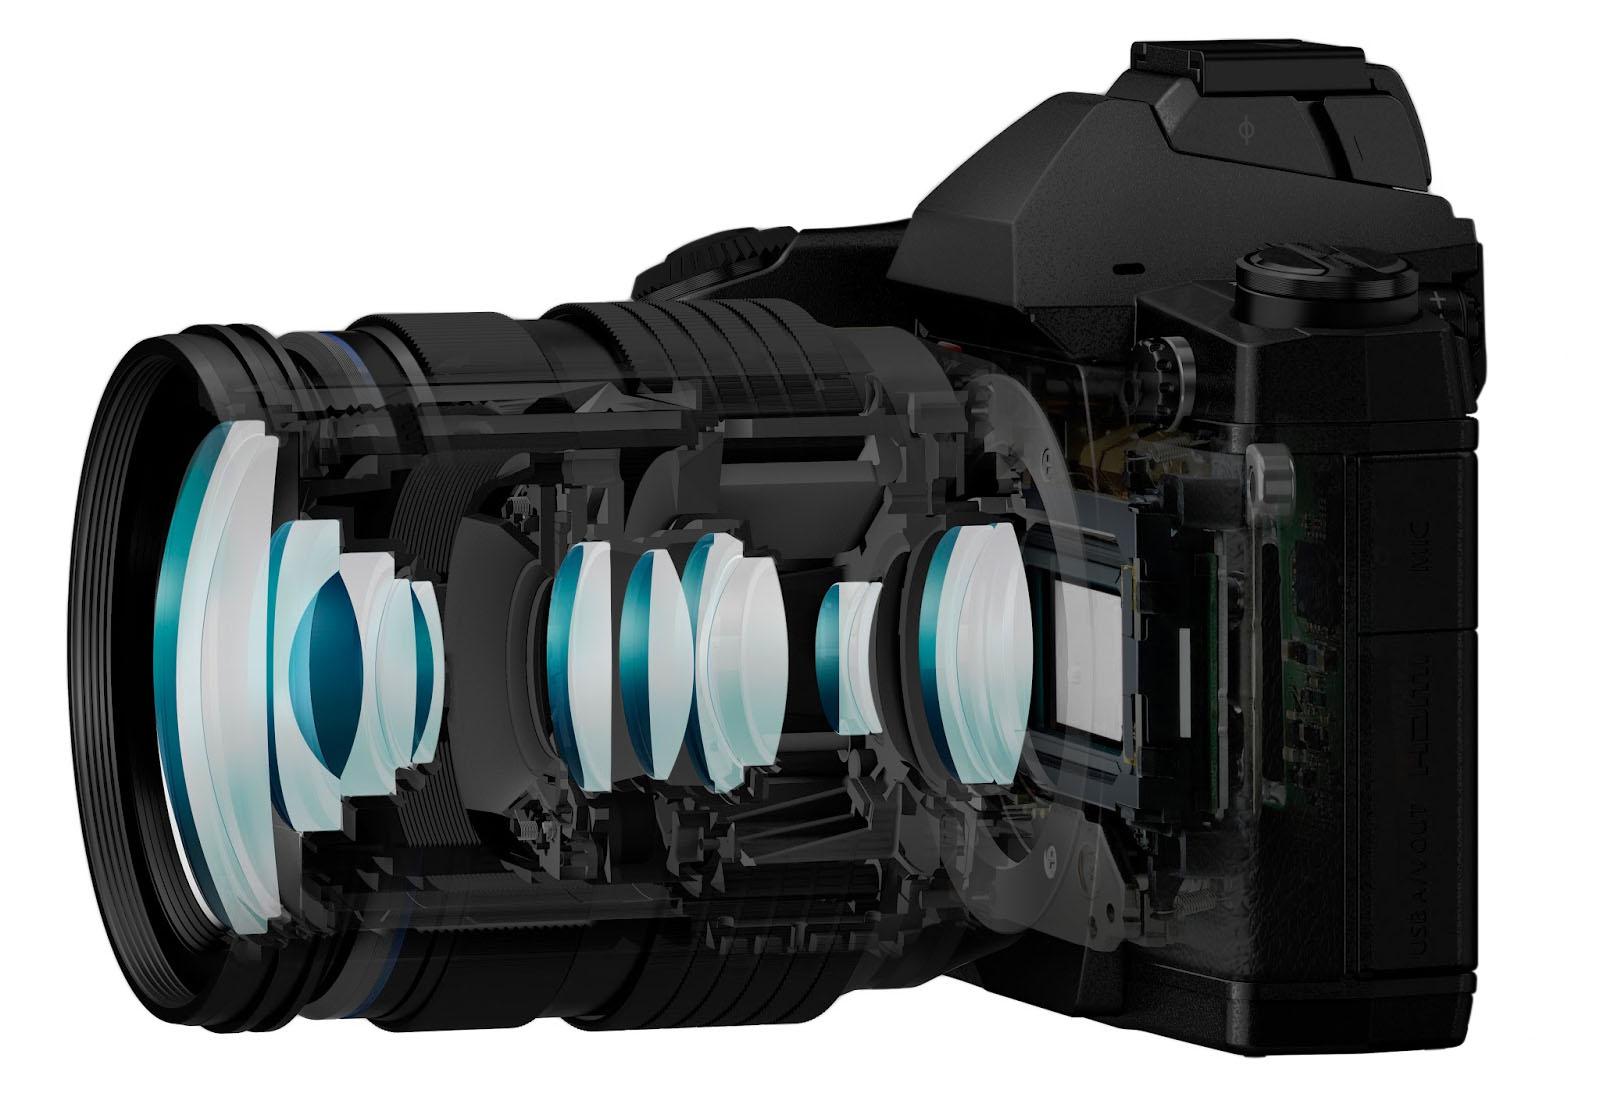 Eine Spiegelreflexkamera im Querschnitt zur Erläuterung eines Linsensystems